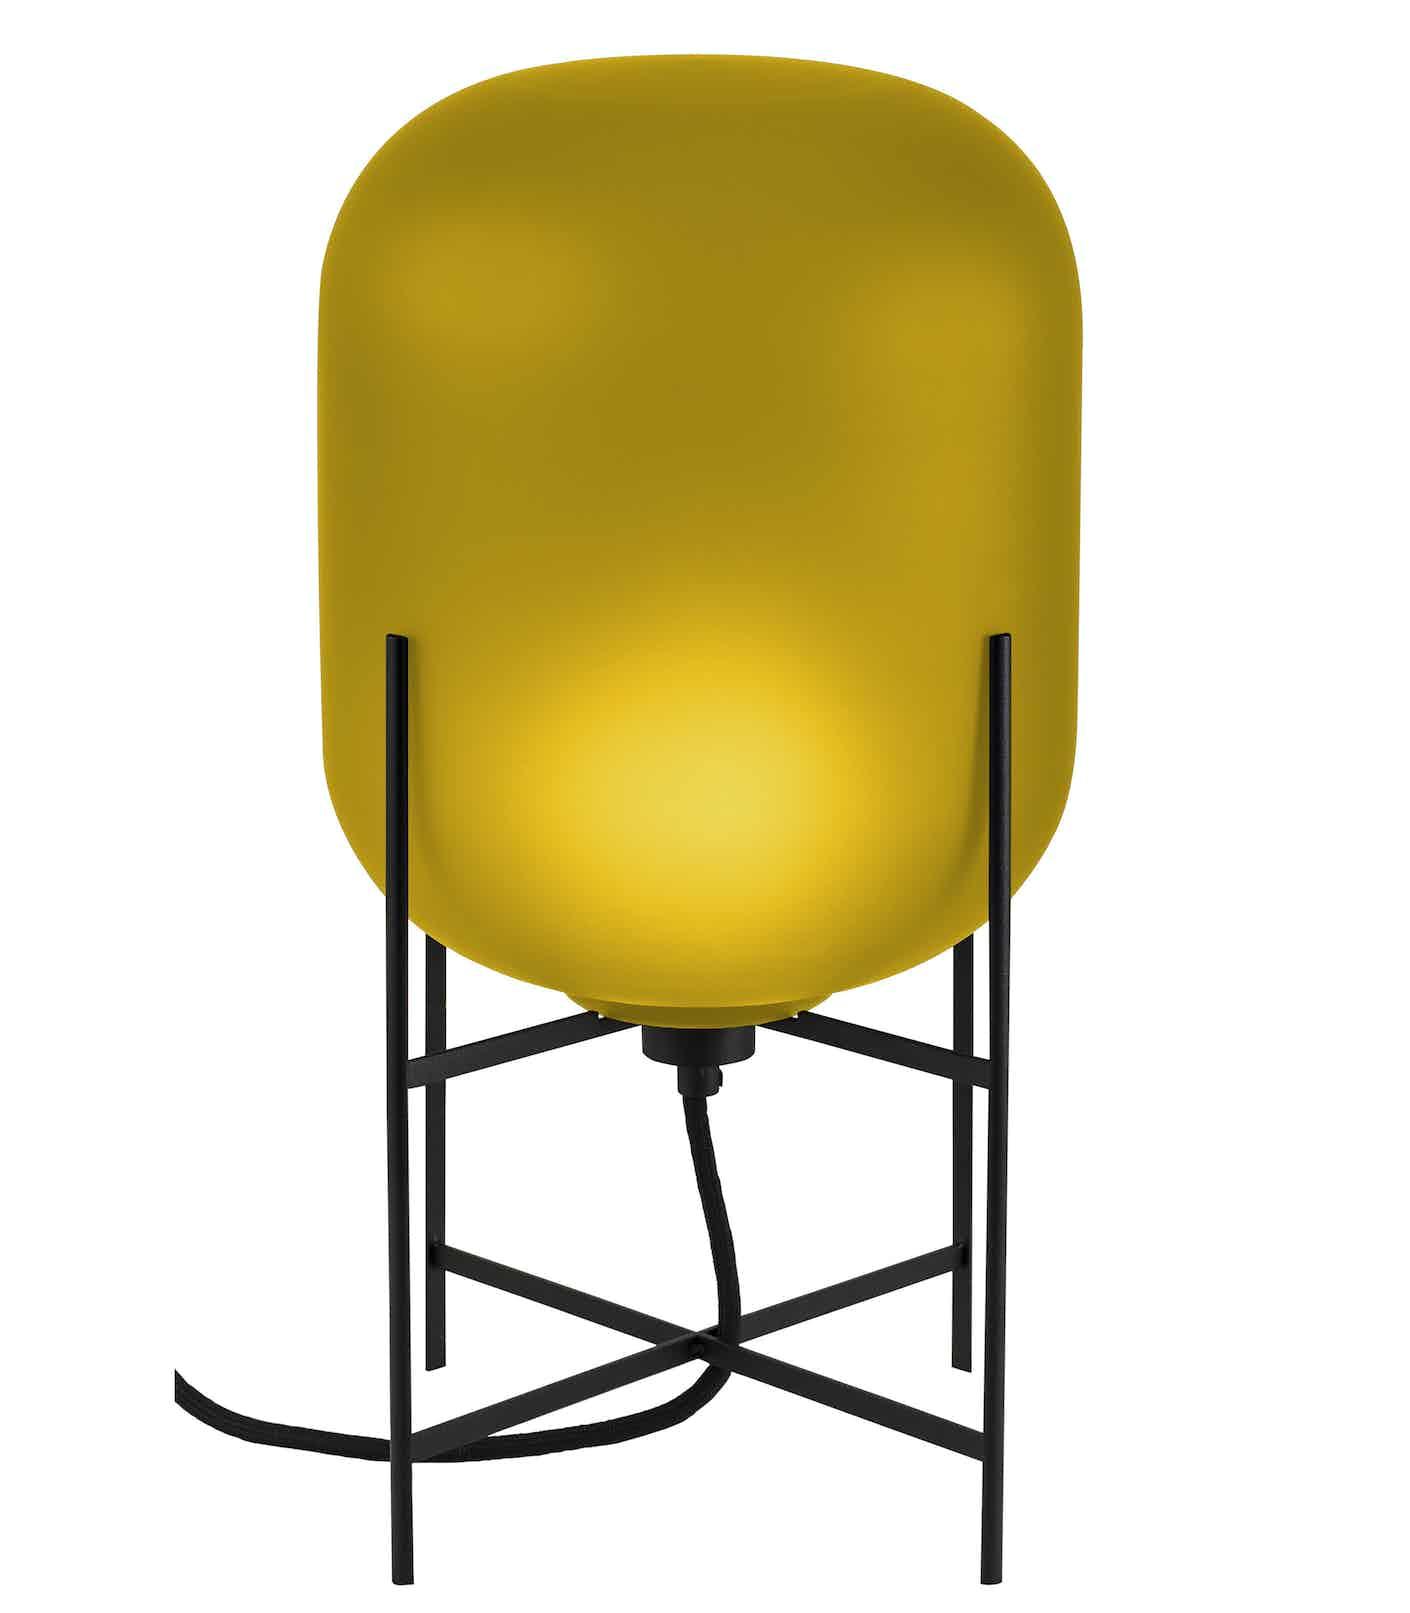 Pulpo furniture oda small yellow opaque haute living